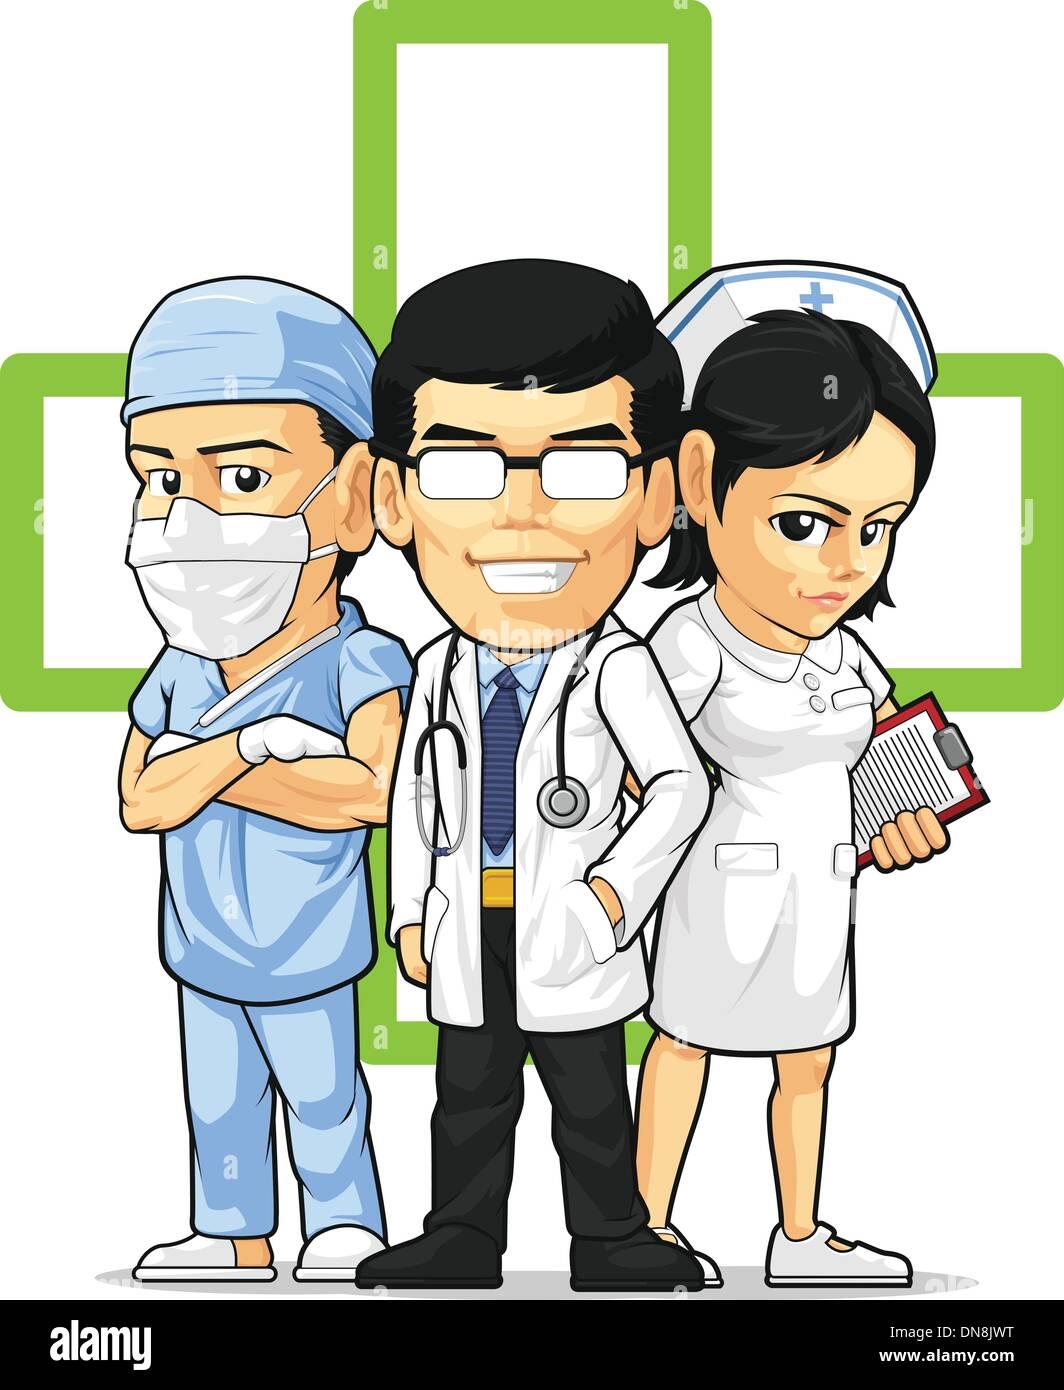 Health Care oder medizinisches Personal - Arzt, Krankenschwester & Chirurg Stockbild